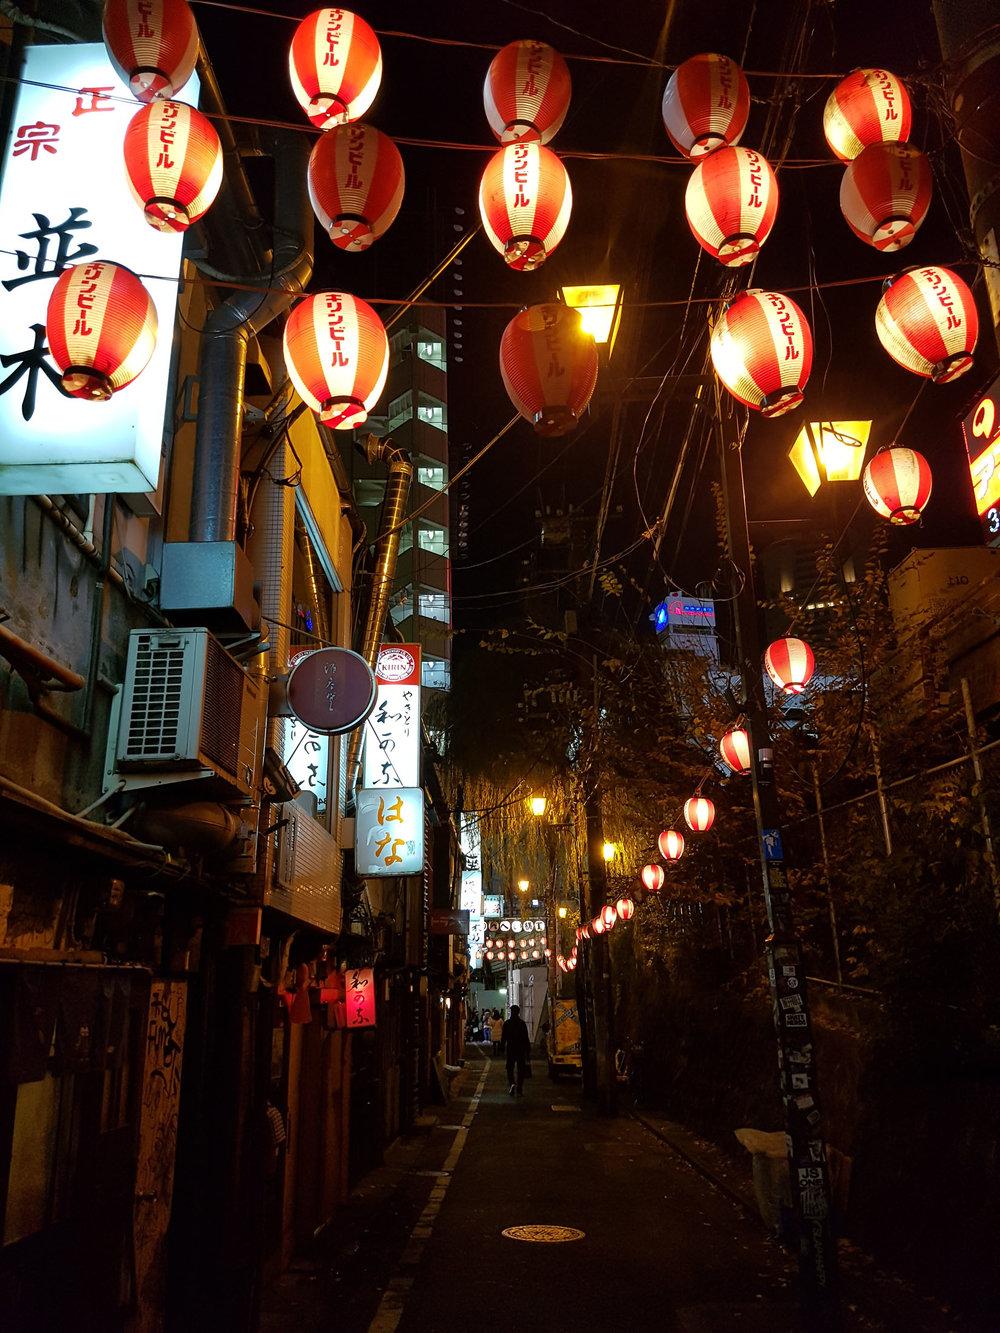 Deu até para imaginar a máfia japonesa andando por esses bares no passado e se perdendo entre um shochu e outro, shochu éuma mistura de destilado japonês, soda e limão.